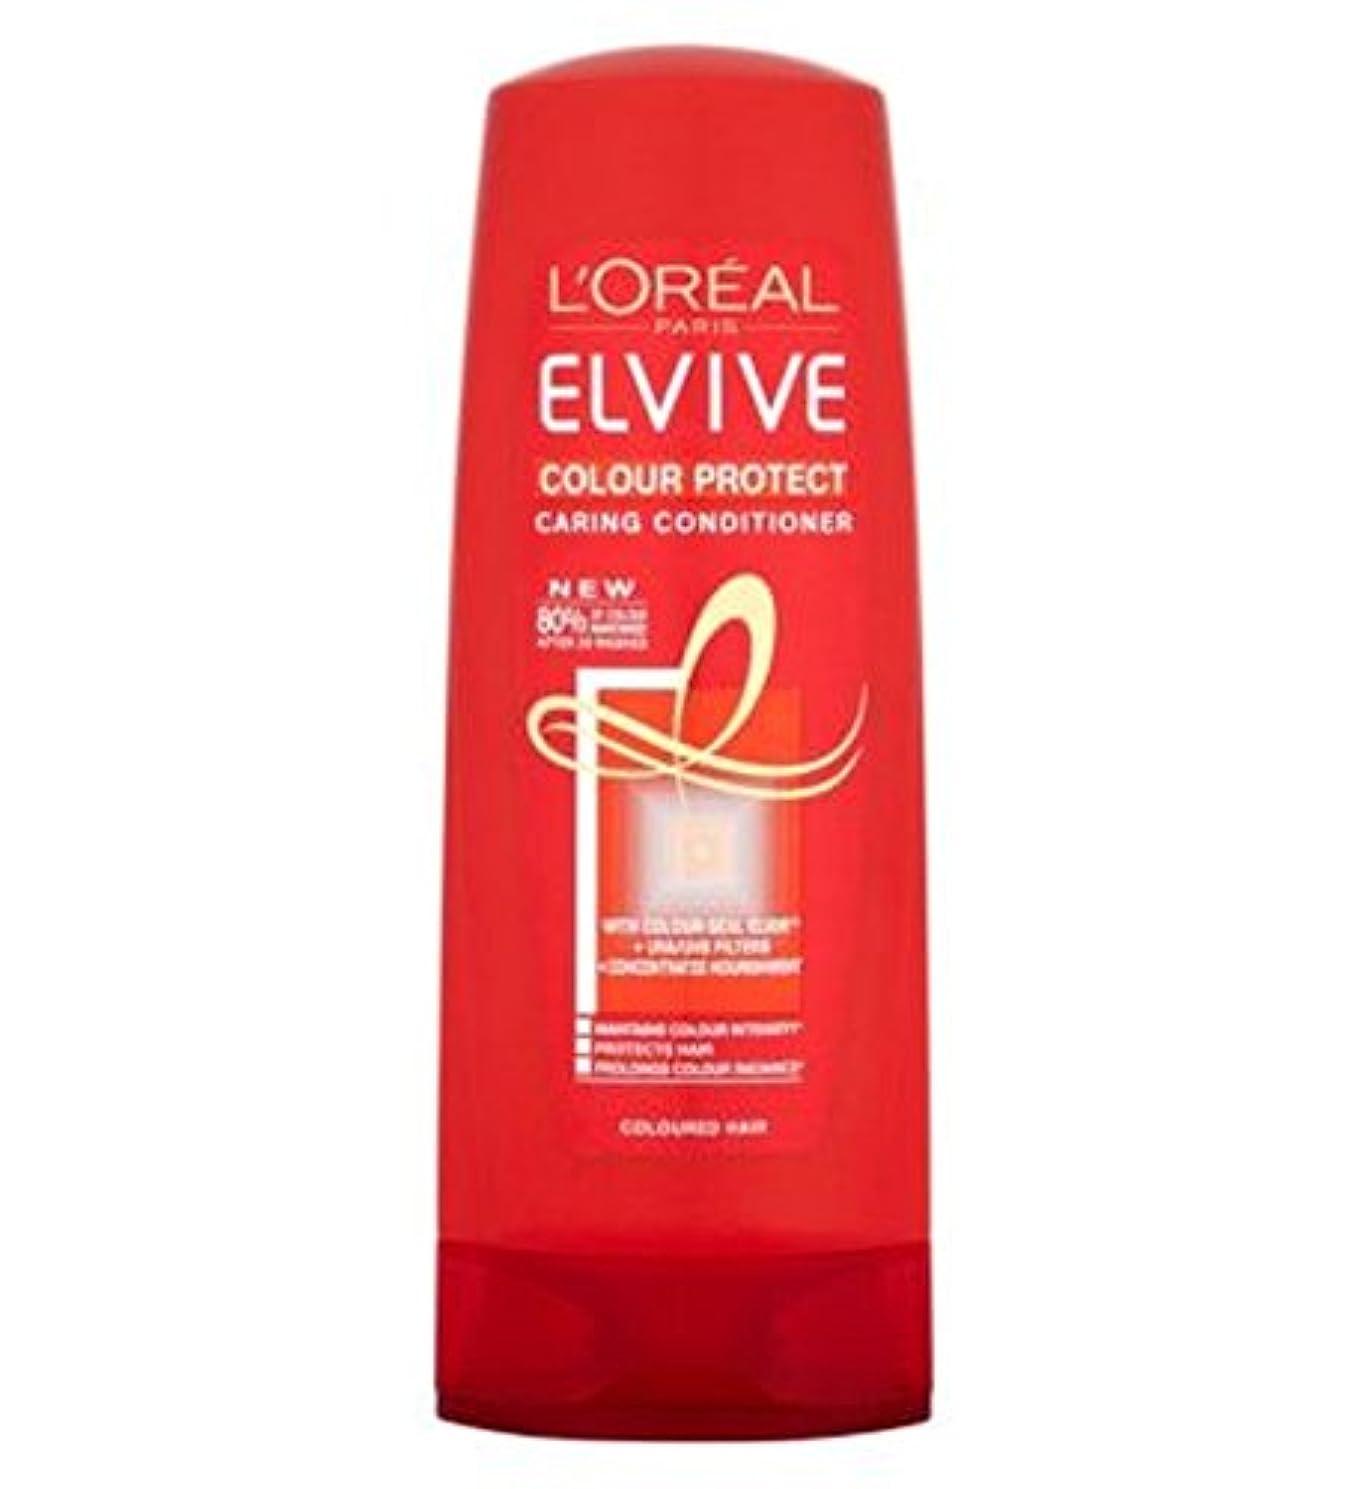 アッティカス不機嫌そうなクロニクルL'Oreall Elvive Colour Protect Conditioner 400ml - L'Oreall Elviveカラーコンディショナー400ミリリットルを保護 (L'Oreal) [並行輸入品]